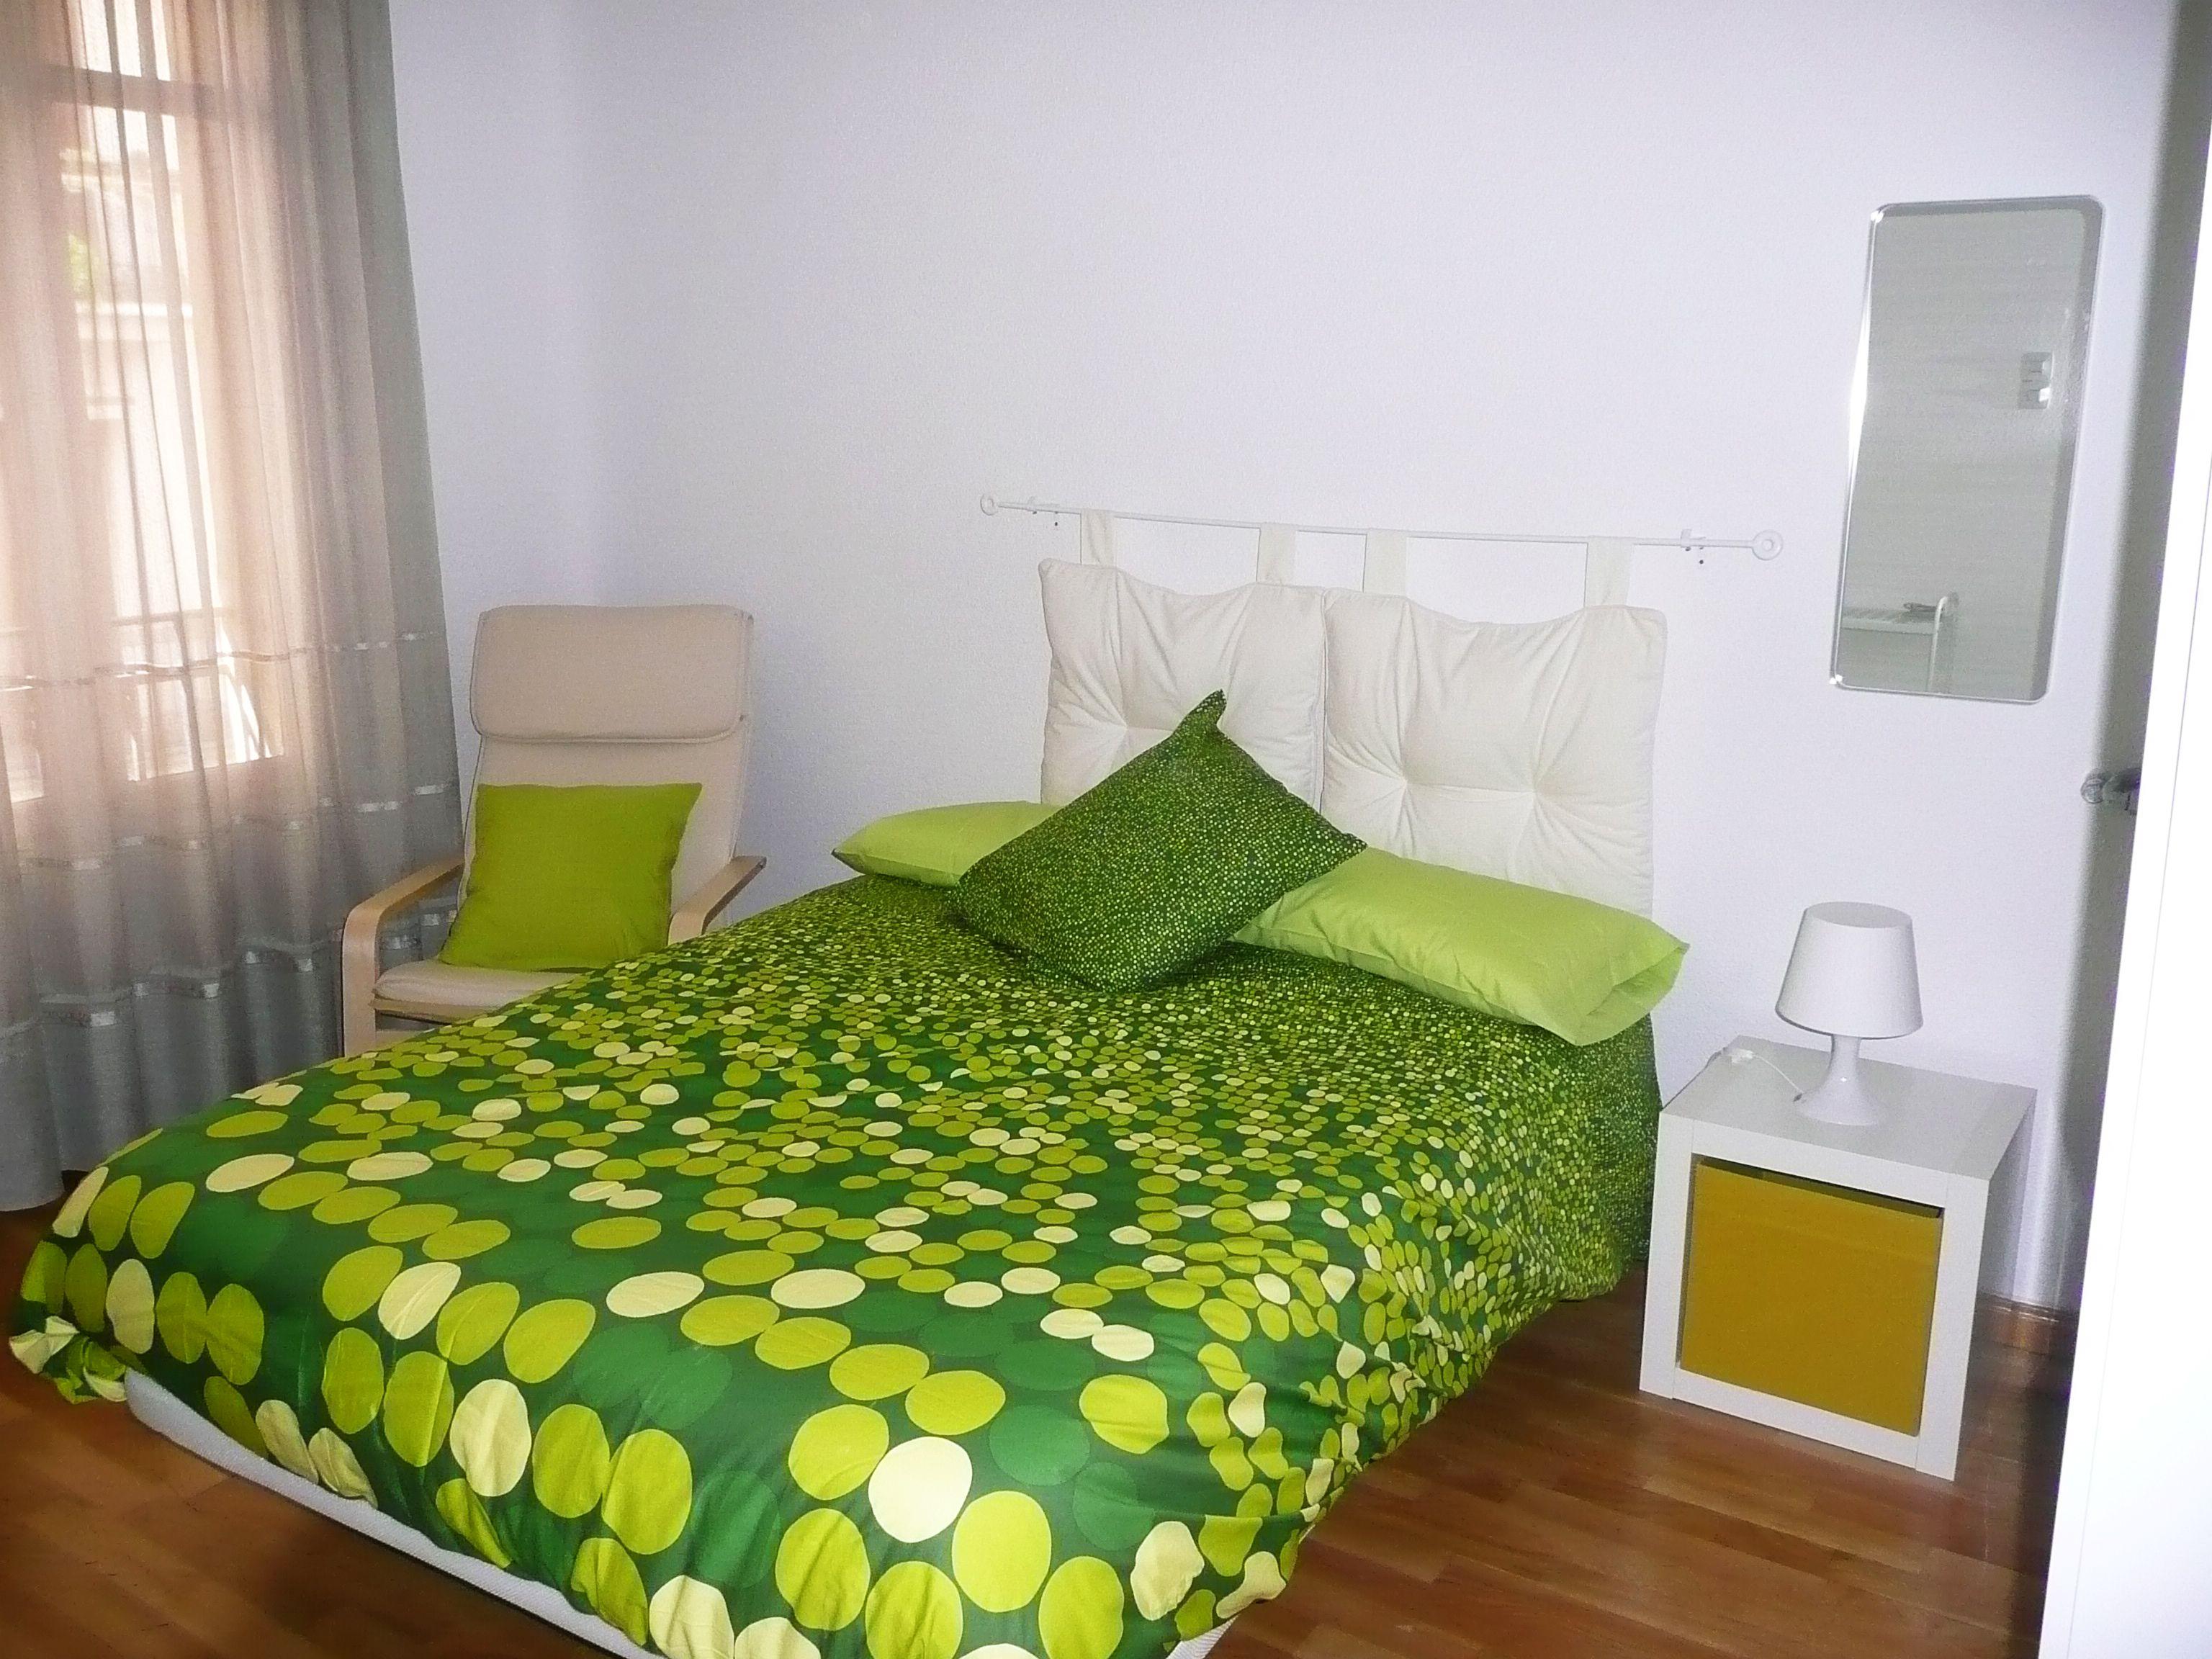 Cabecero con barra blanca de cortina de ikea y cojines blancos de terciopelo de 50x50 tambi n de - Cojines para cabeceros ...